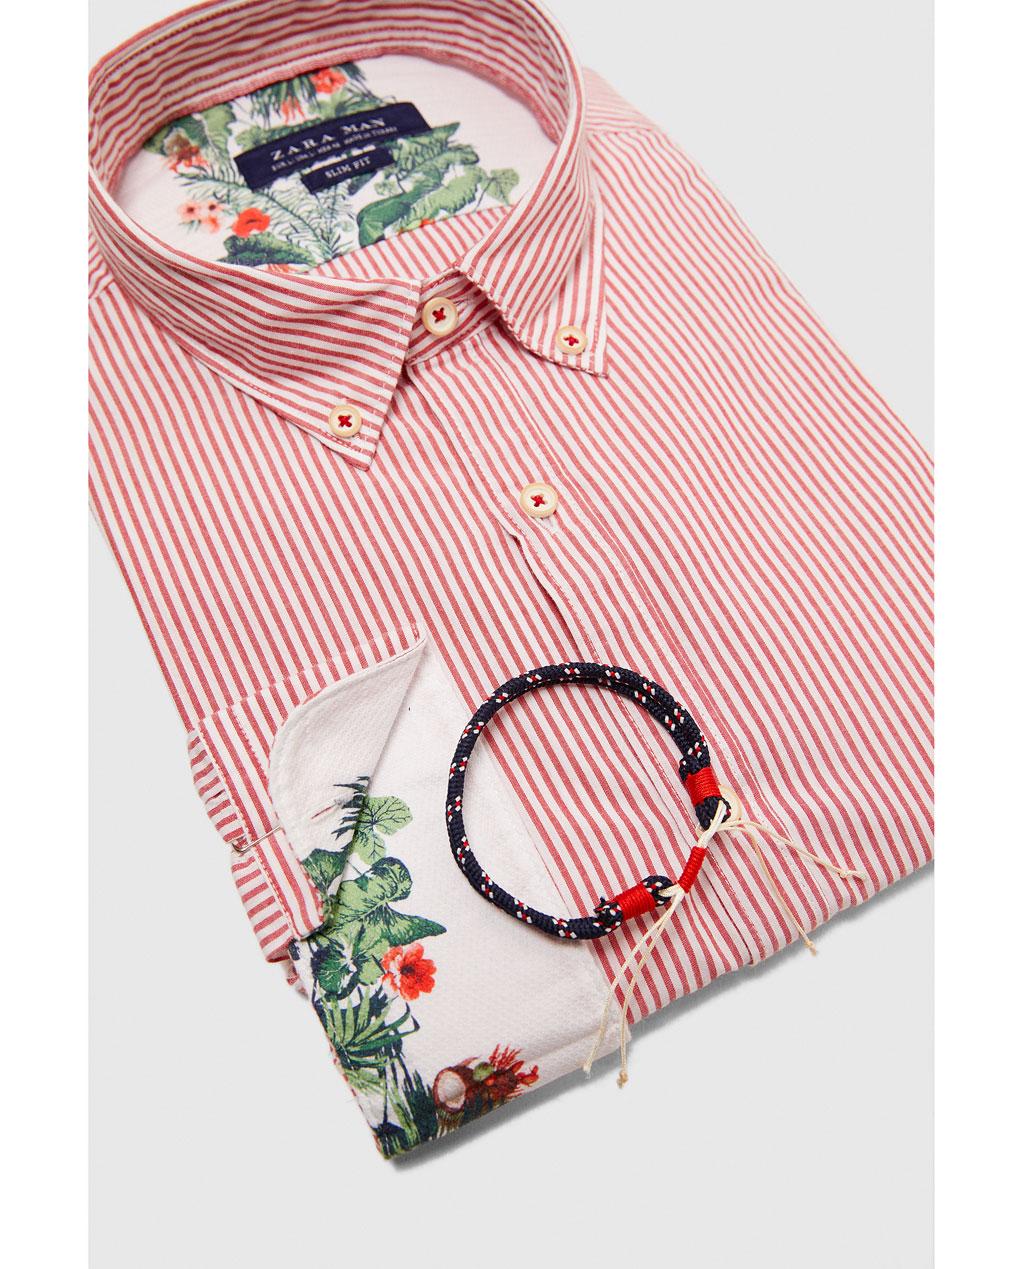 Thời trang nam Zara  24064 - ảnh 8